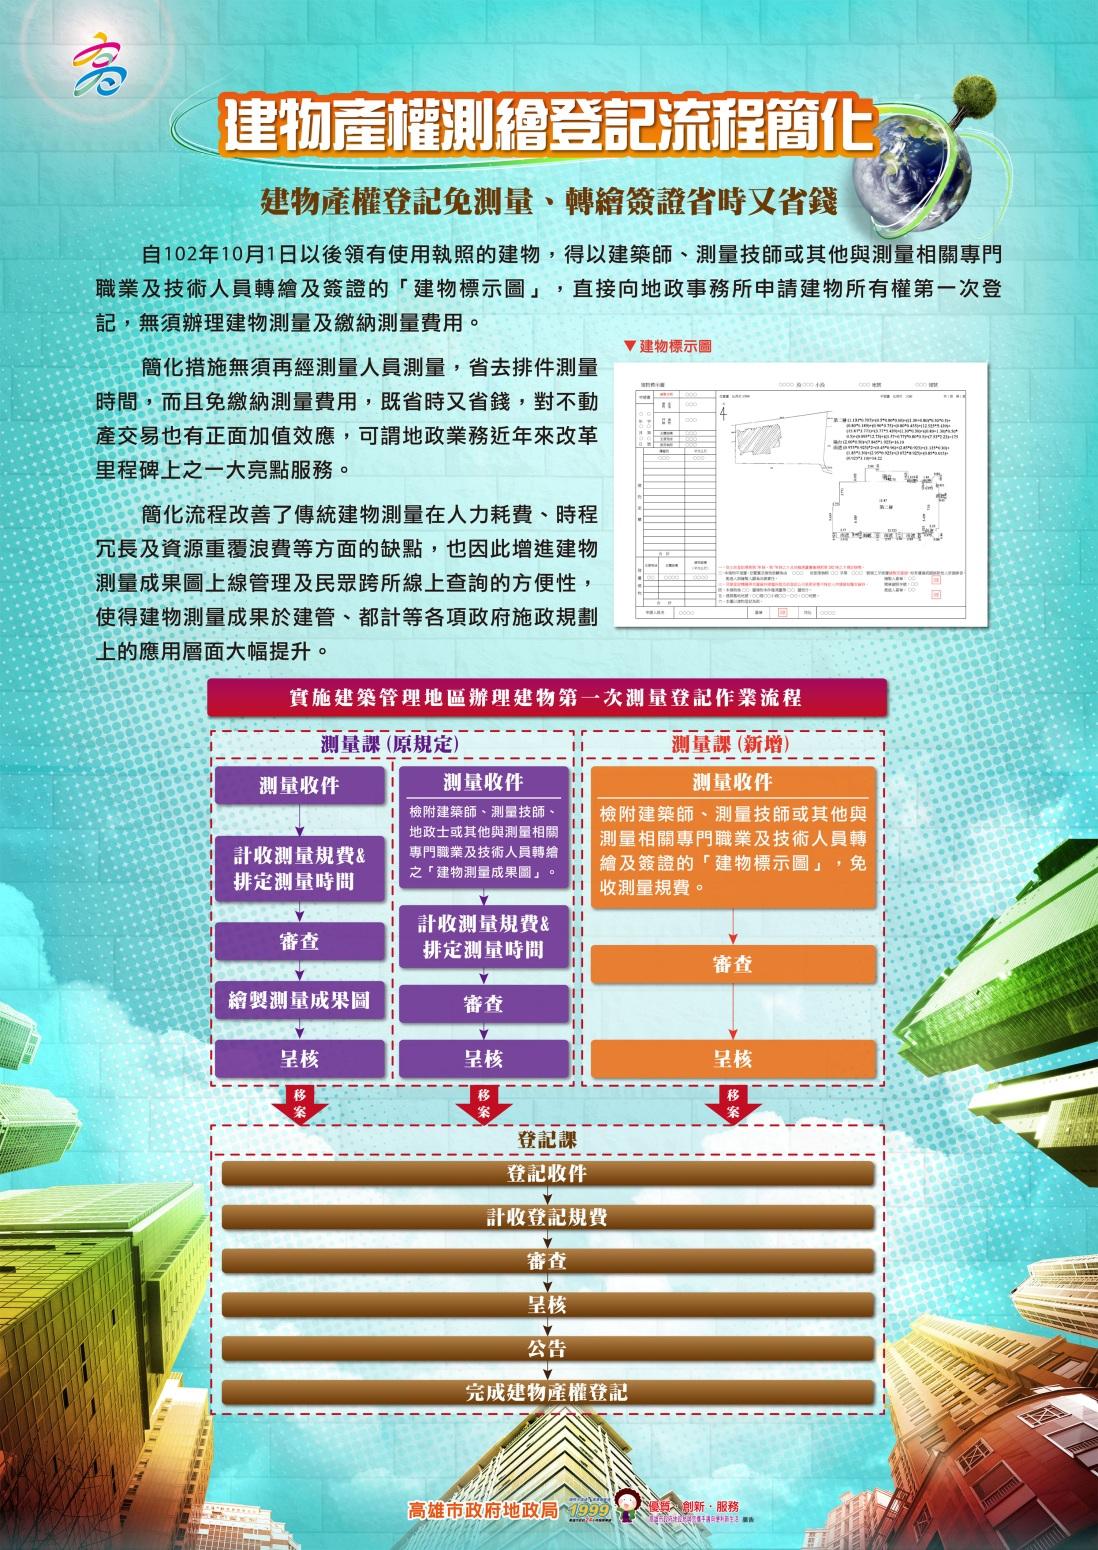 建物產權測繪登記流程簡化措施